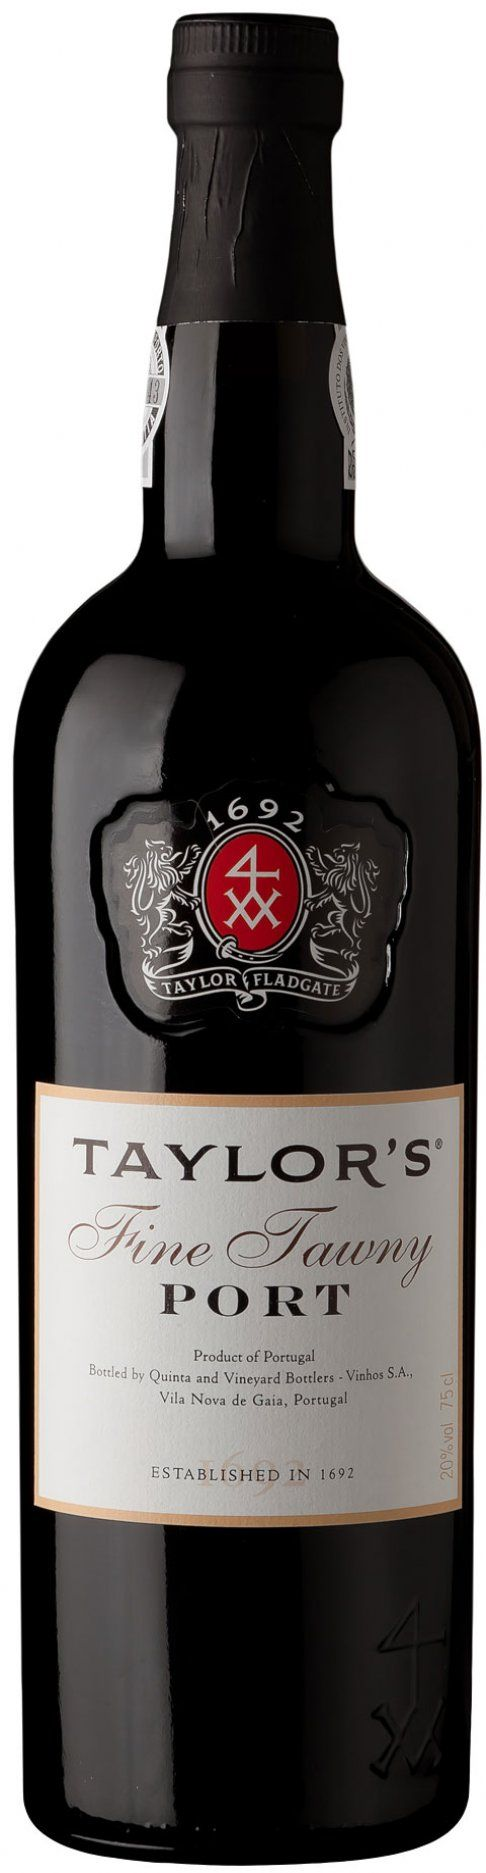 O Porto Taylor's Fine Tawny caracteriza-se pela sua suavidade. É um tawny relativamente encorpado, com um pronunciado carácter frutado.